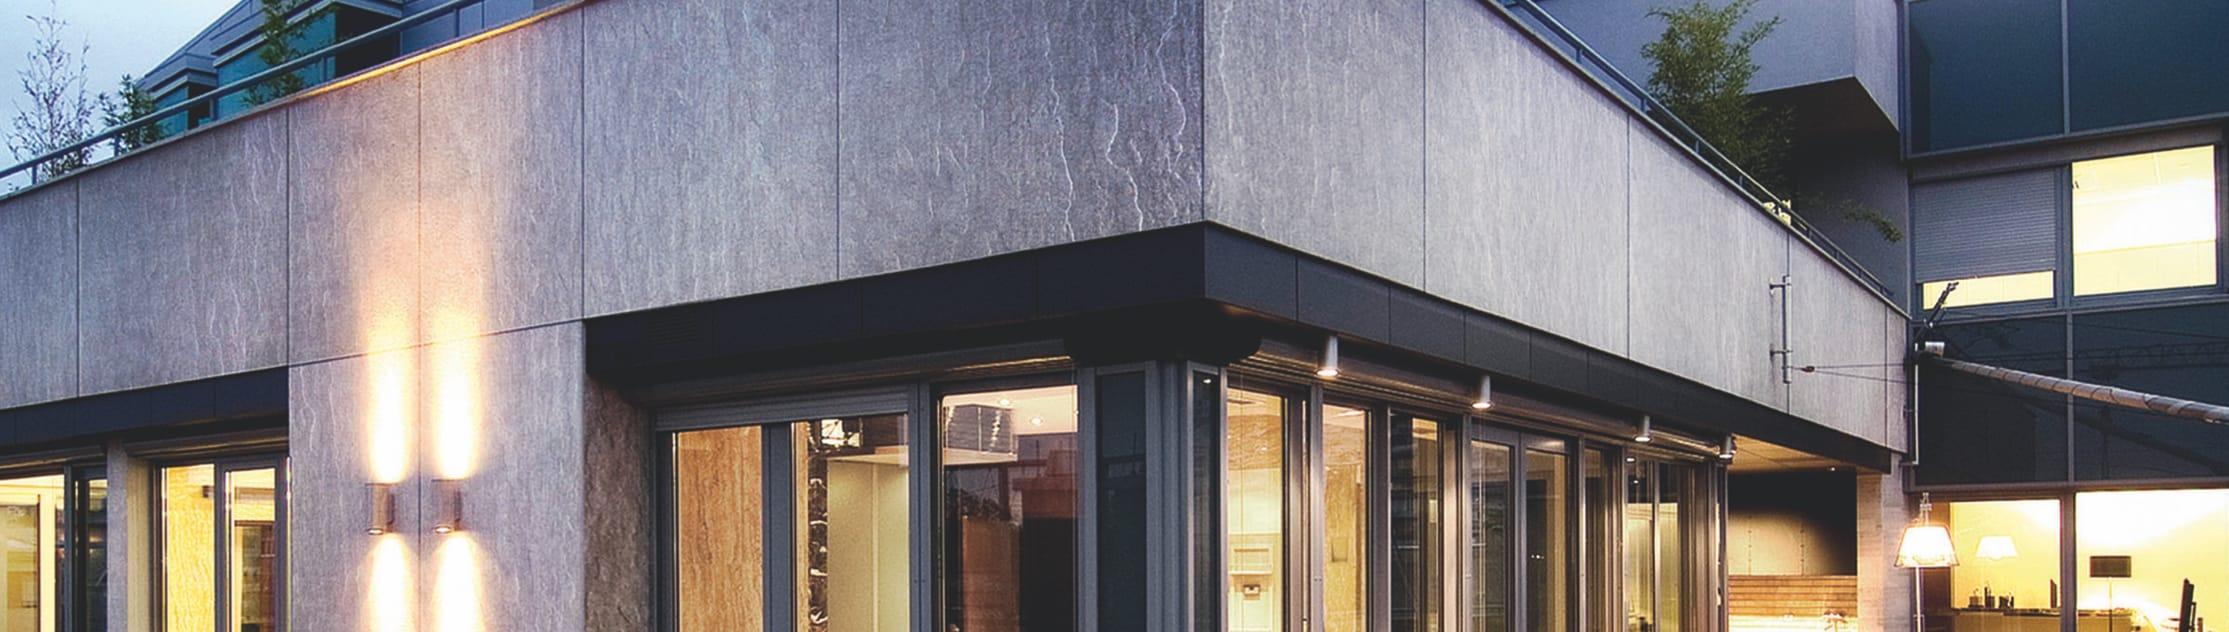 Imagem de uma construção com Eternit